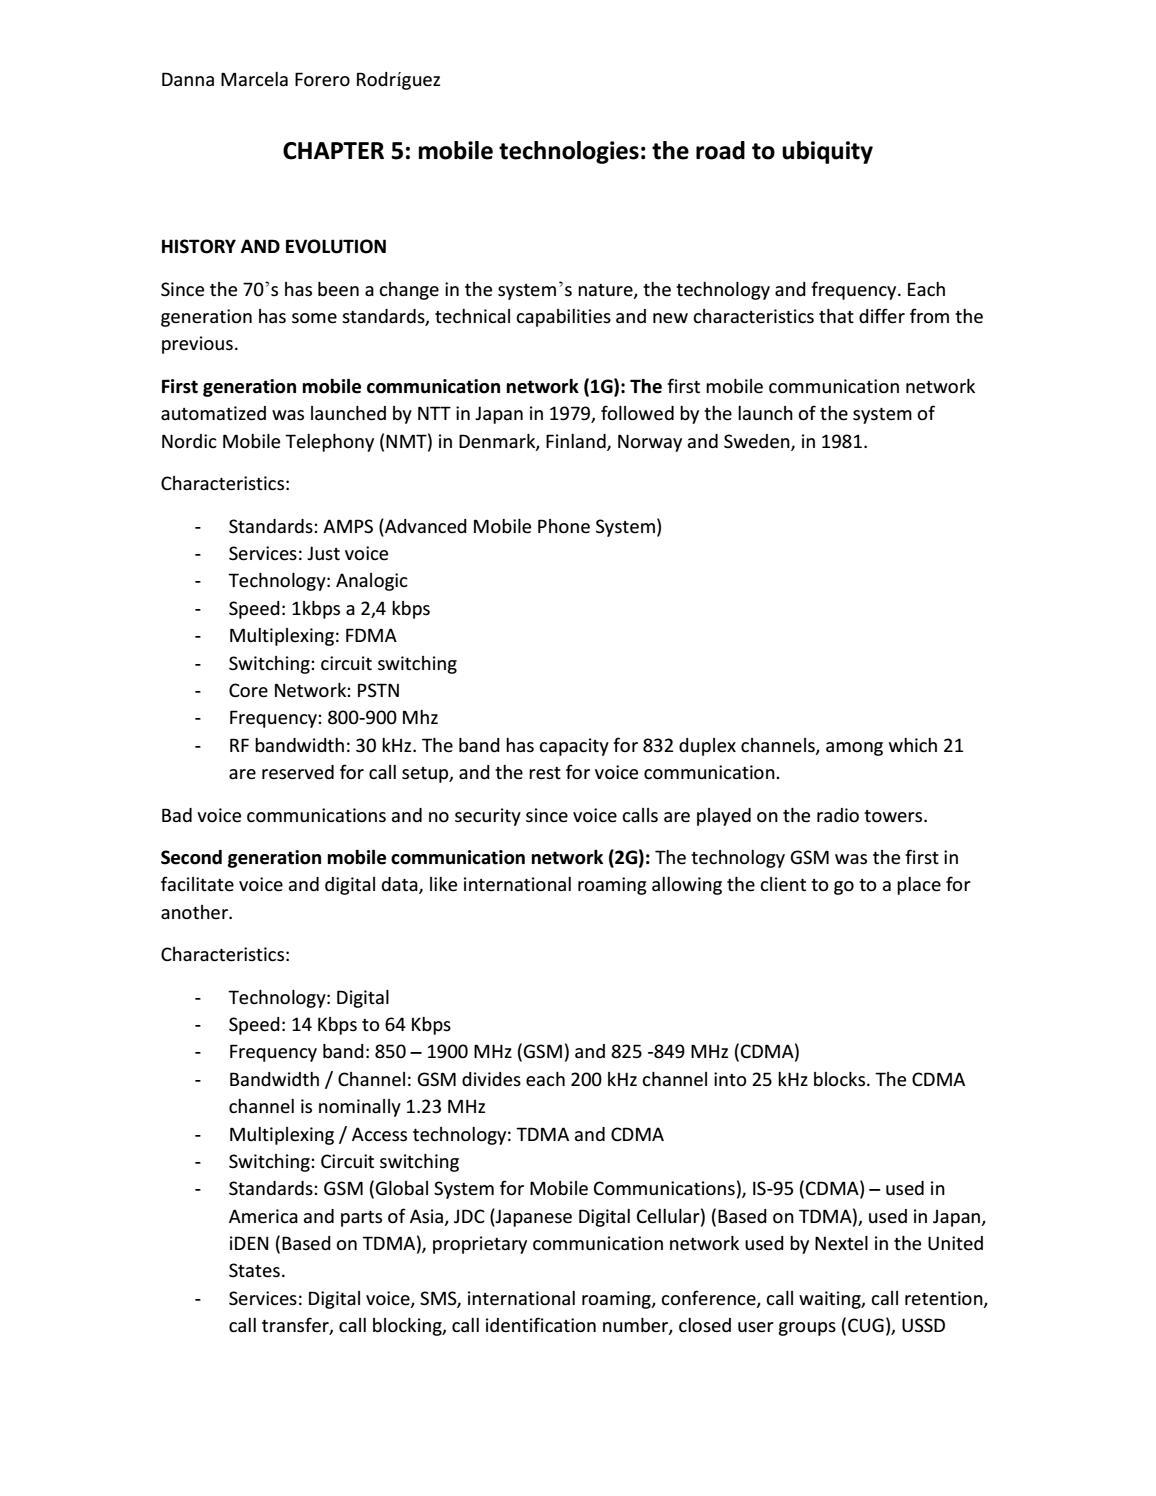 Sig pdf by unicoldannamfr1202 - issuu